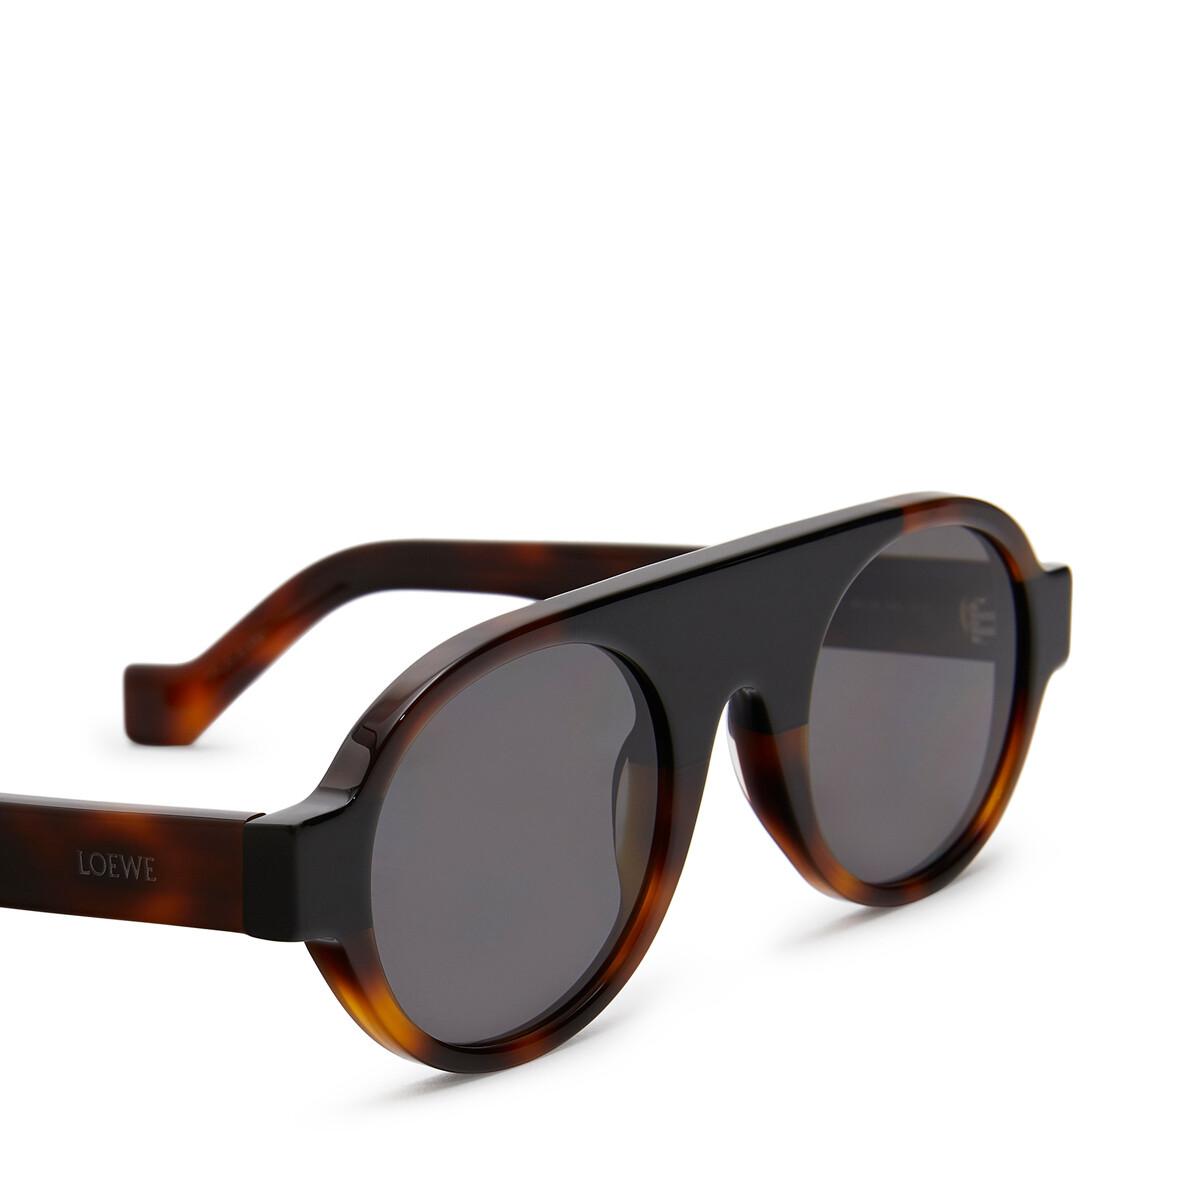 LOEWE Round Aviator Sunglasses Havana front